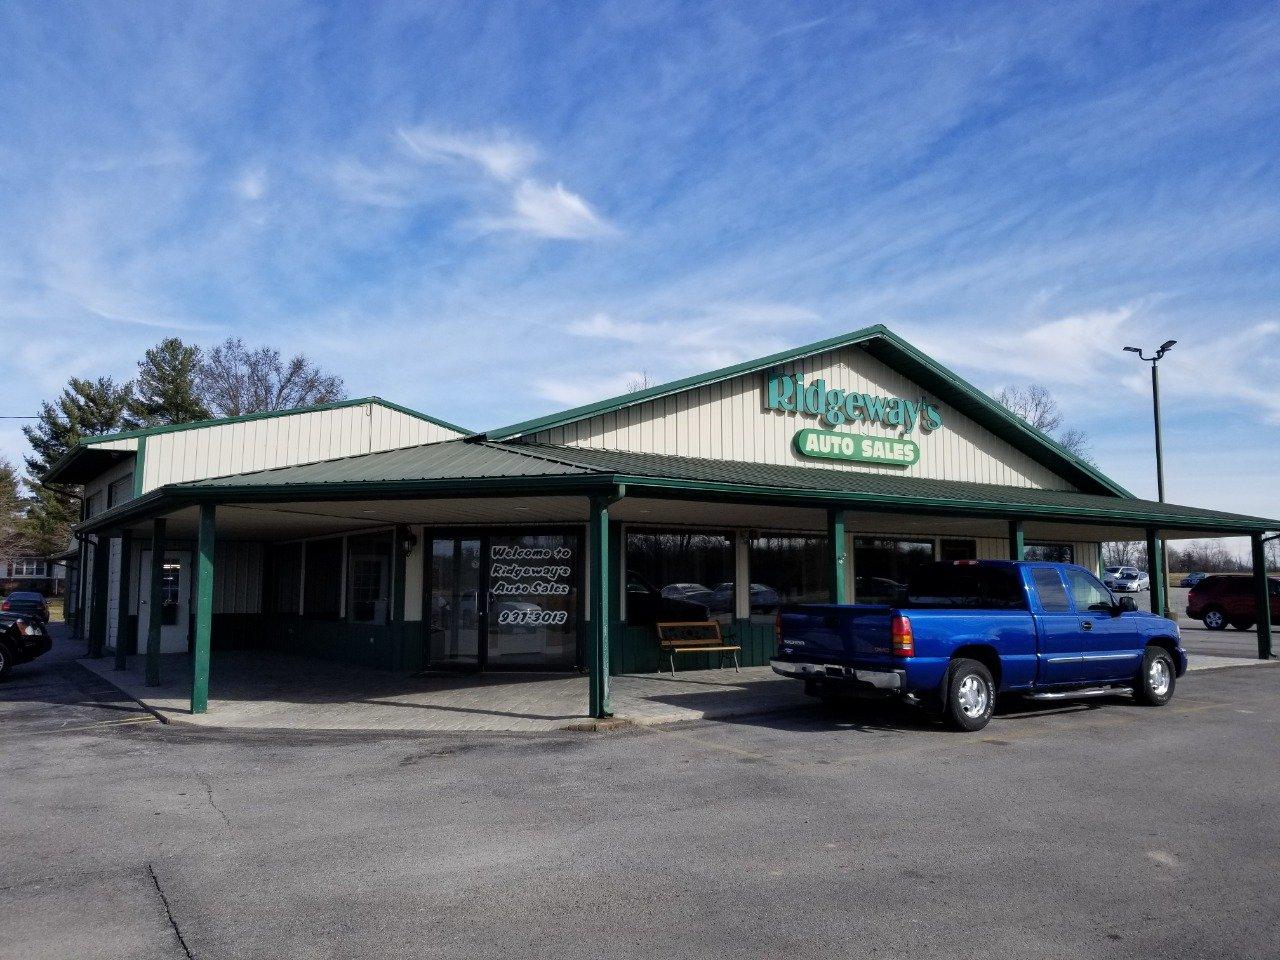 Ridgeway's Auto Sales